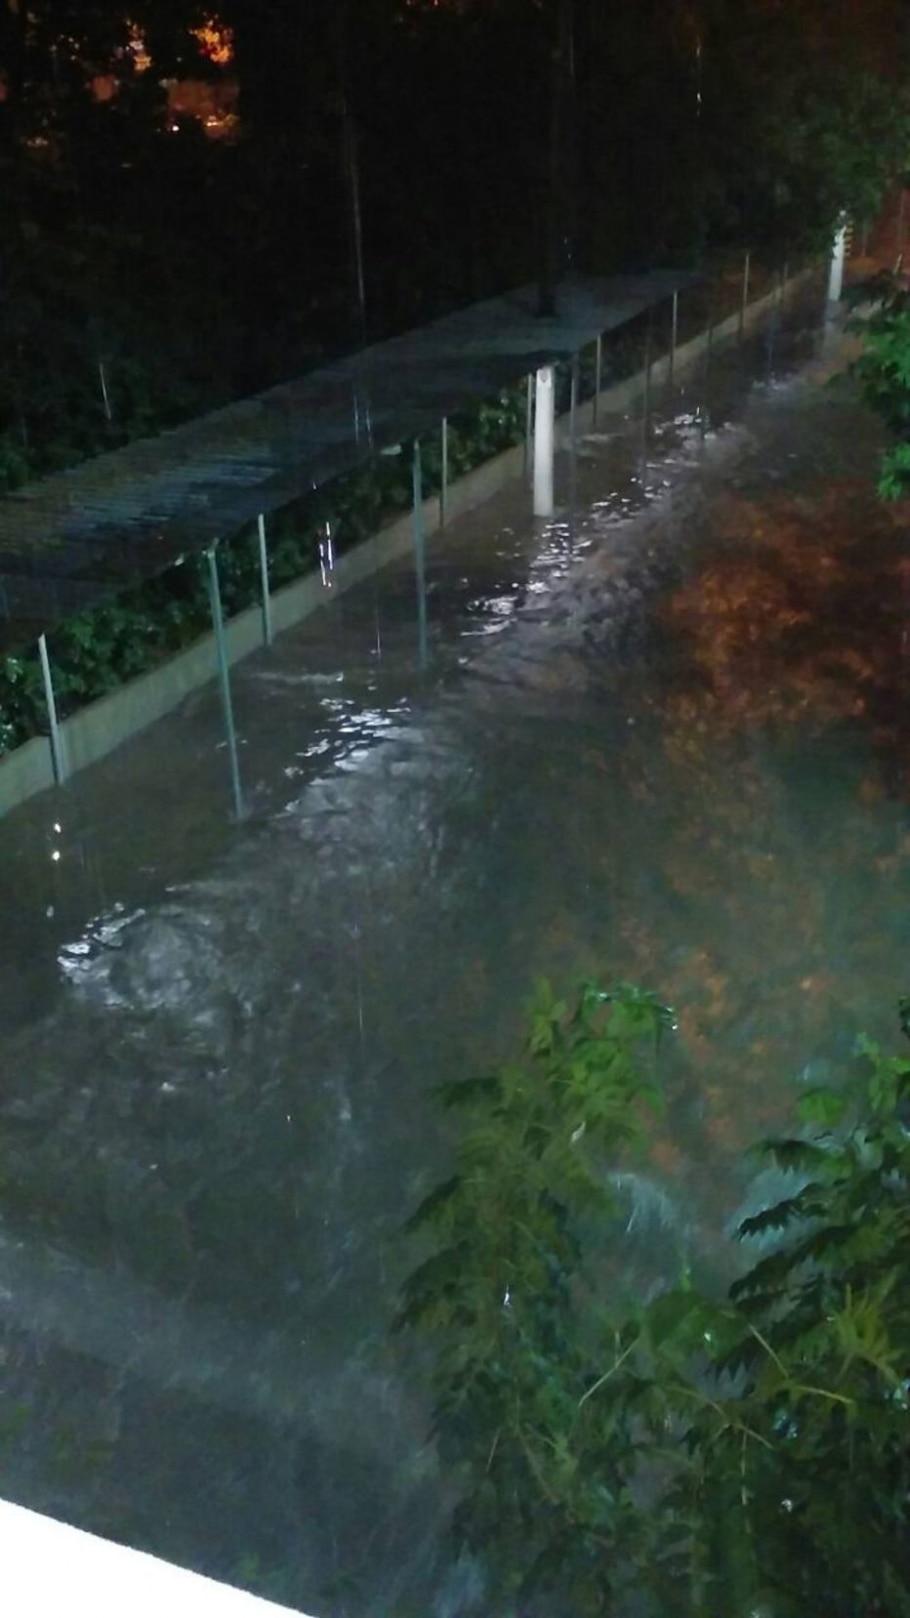 Em 6 horas, chuva em São Paulo foi maior do que a média para o mês e provocou alagamentos  - Fábio Araújo/ WhatsApp Estadão